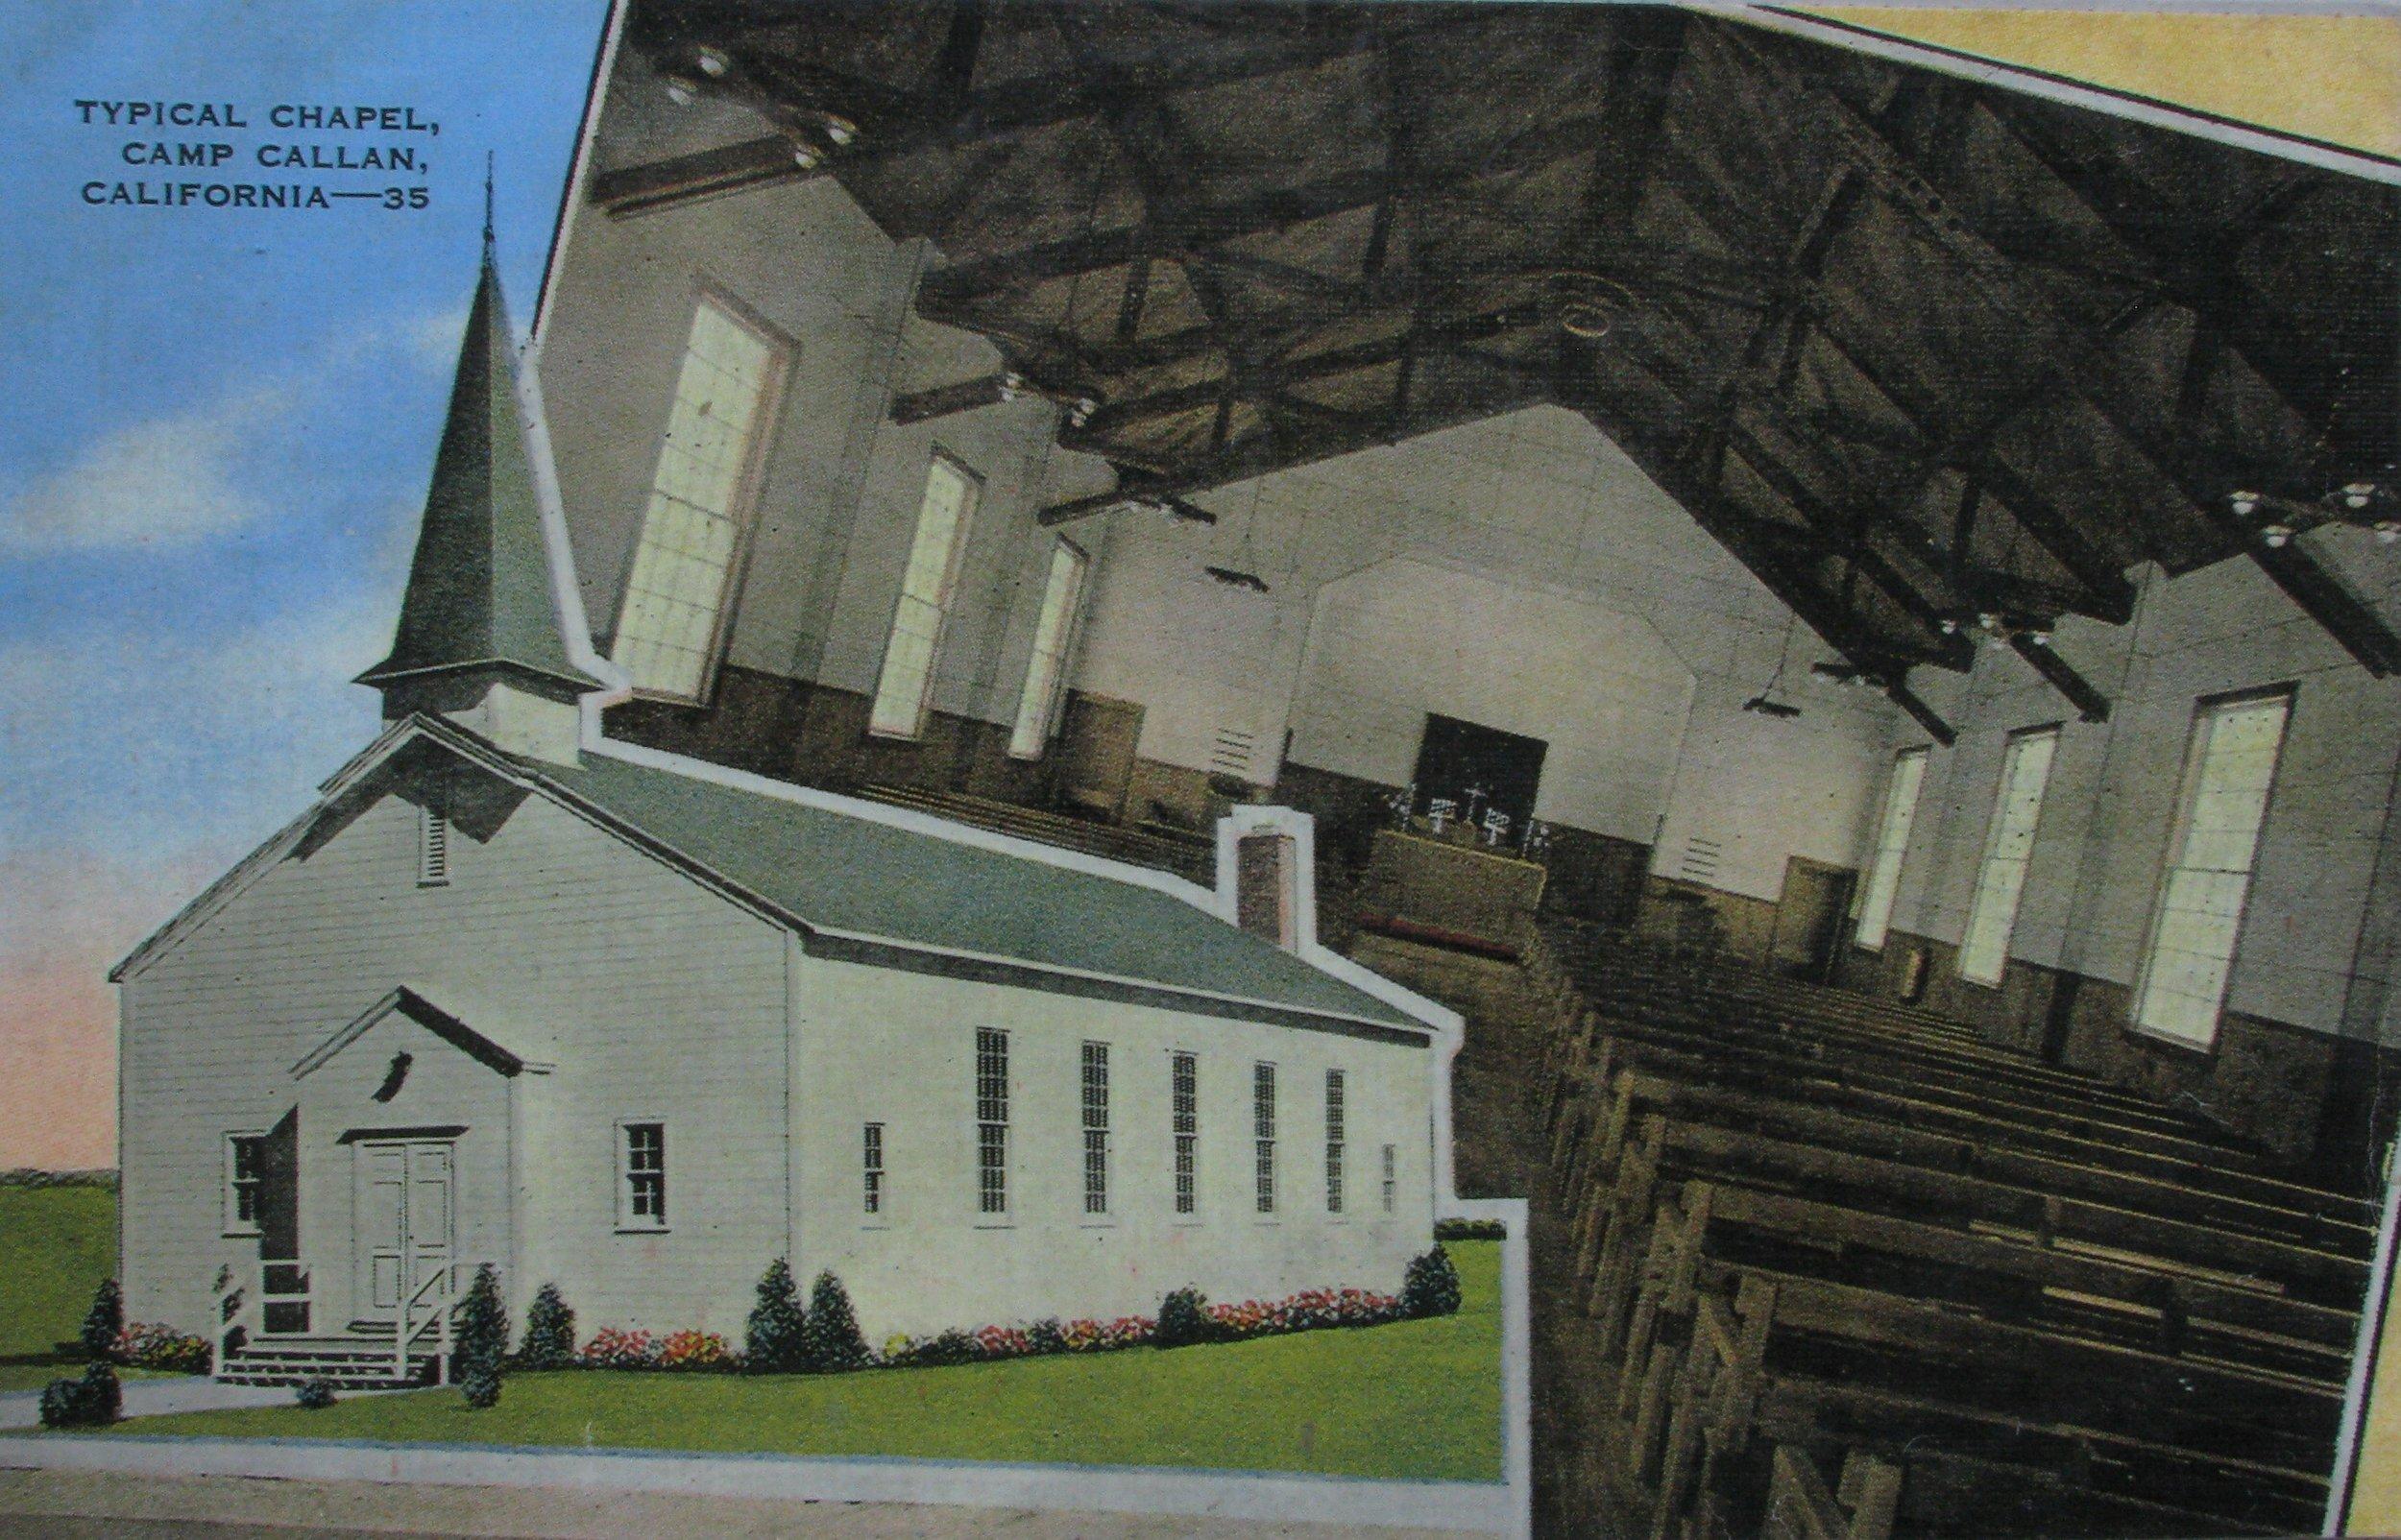 PT-1c. Chapel at Camp Callan, La Jolla, Calif._interior and exterior.jpg